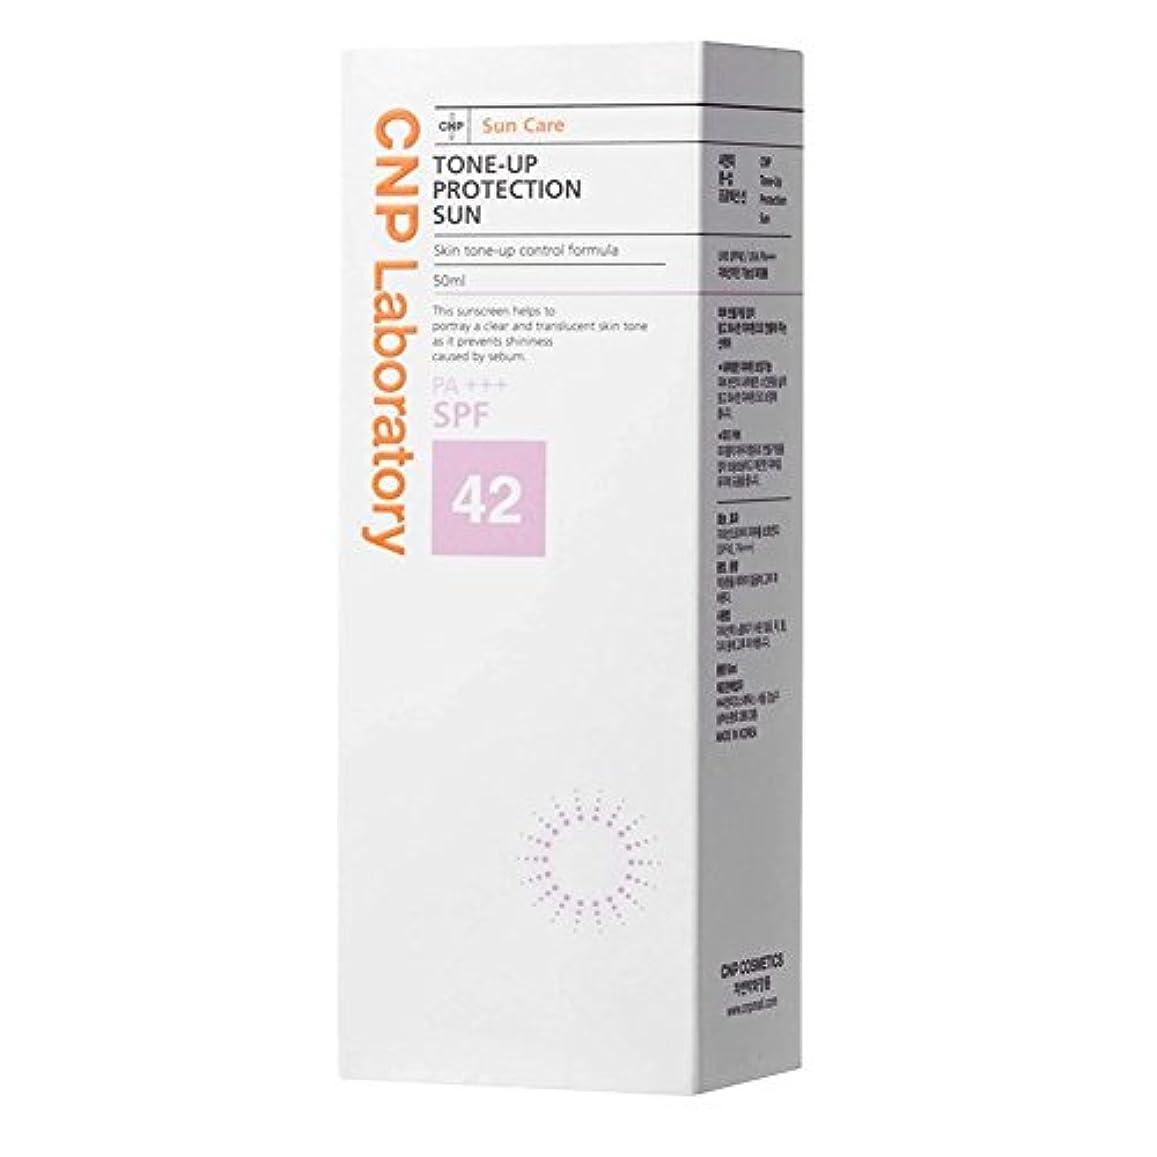 ルビー酸化するターゲットチャアンドパク(CNP) トンアッププロテクション日焼け止めクリーム 50ml/ CNP Tone-Up Protection Sun 50ml [並行輸入品]